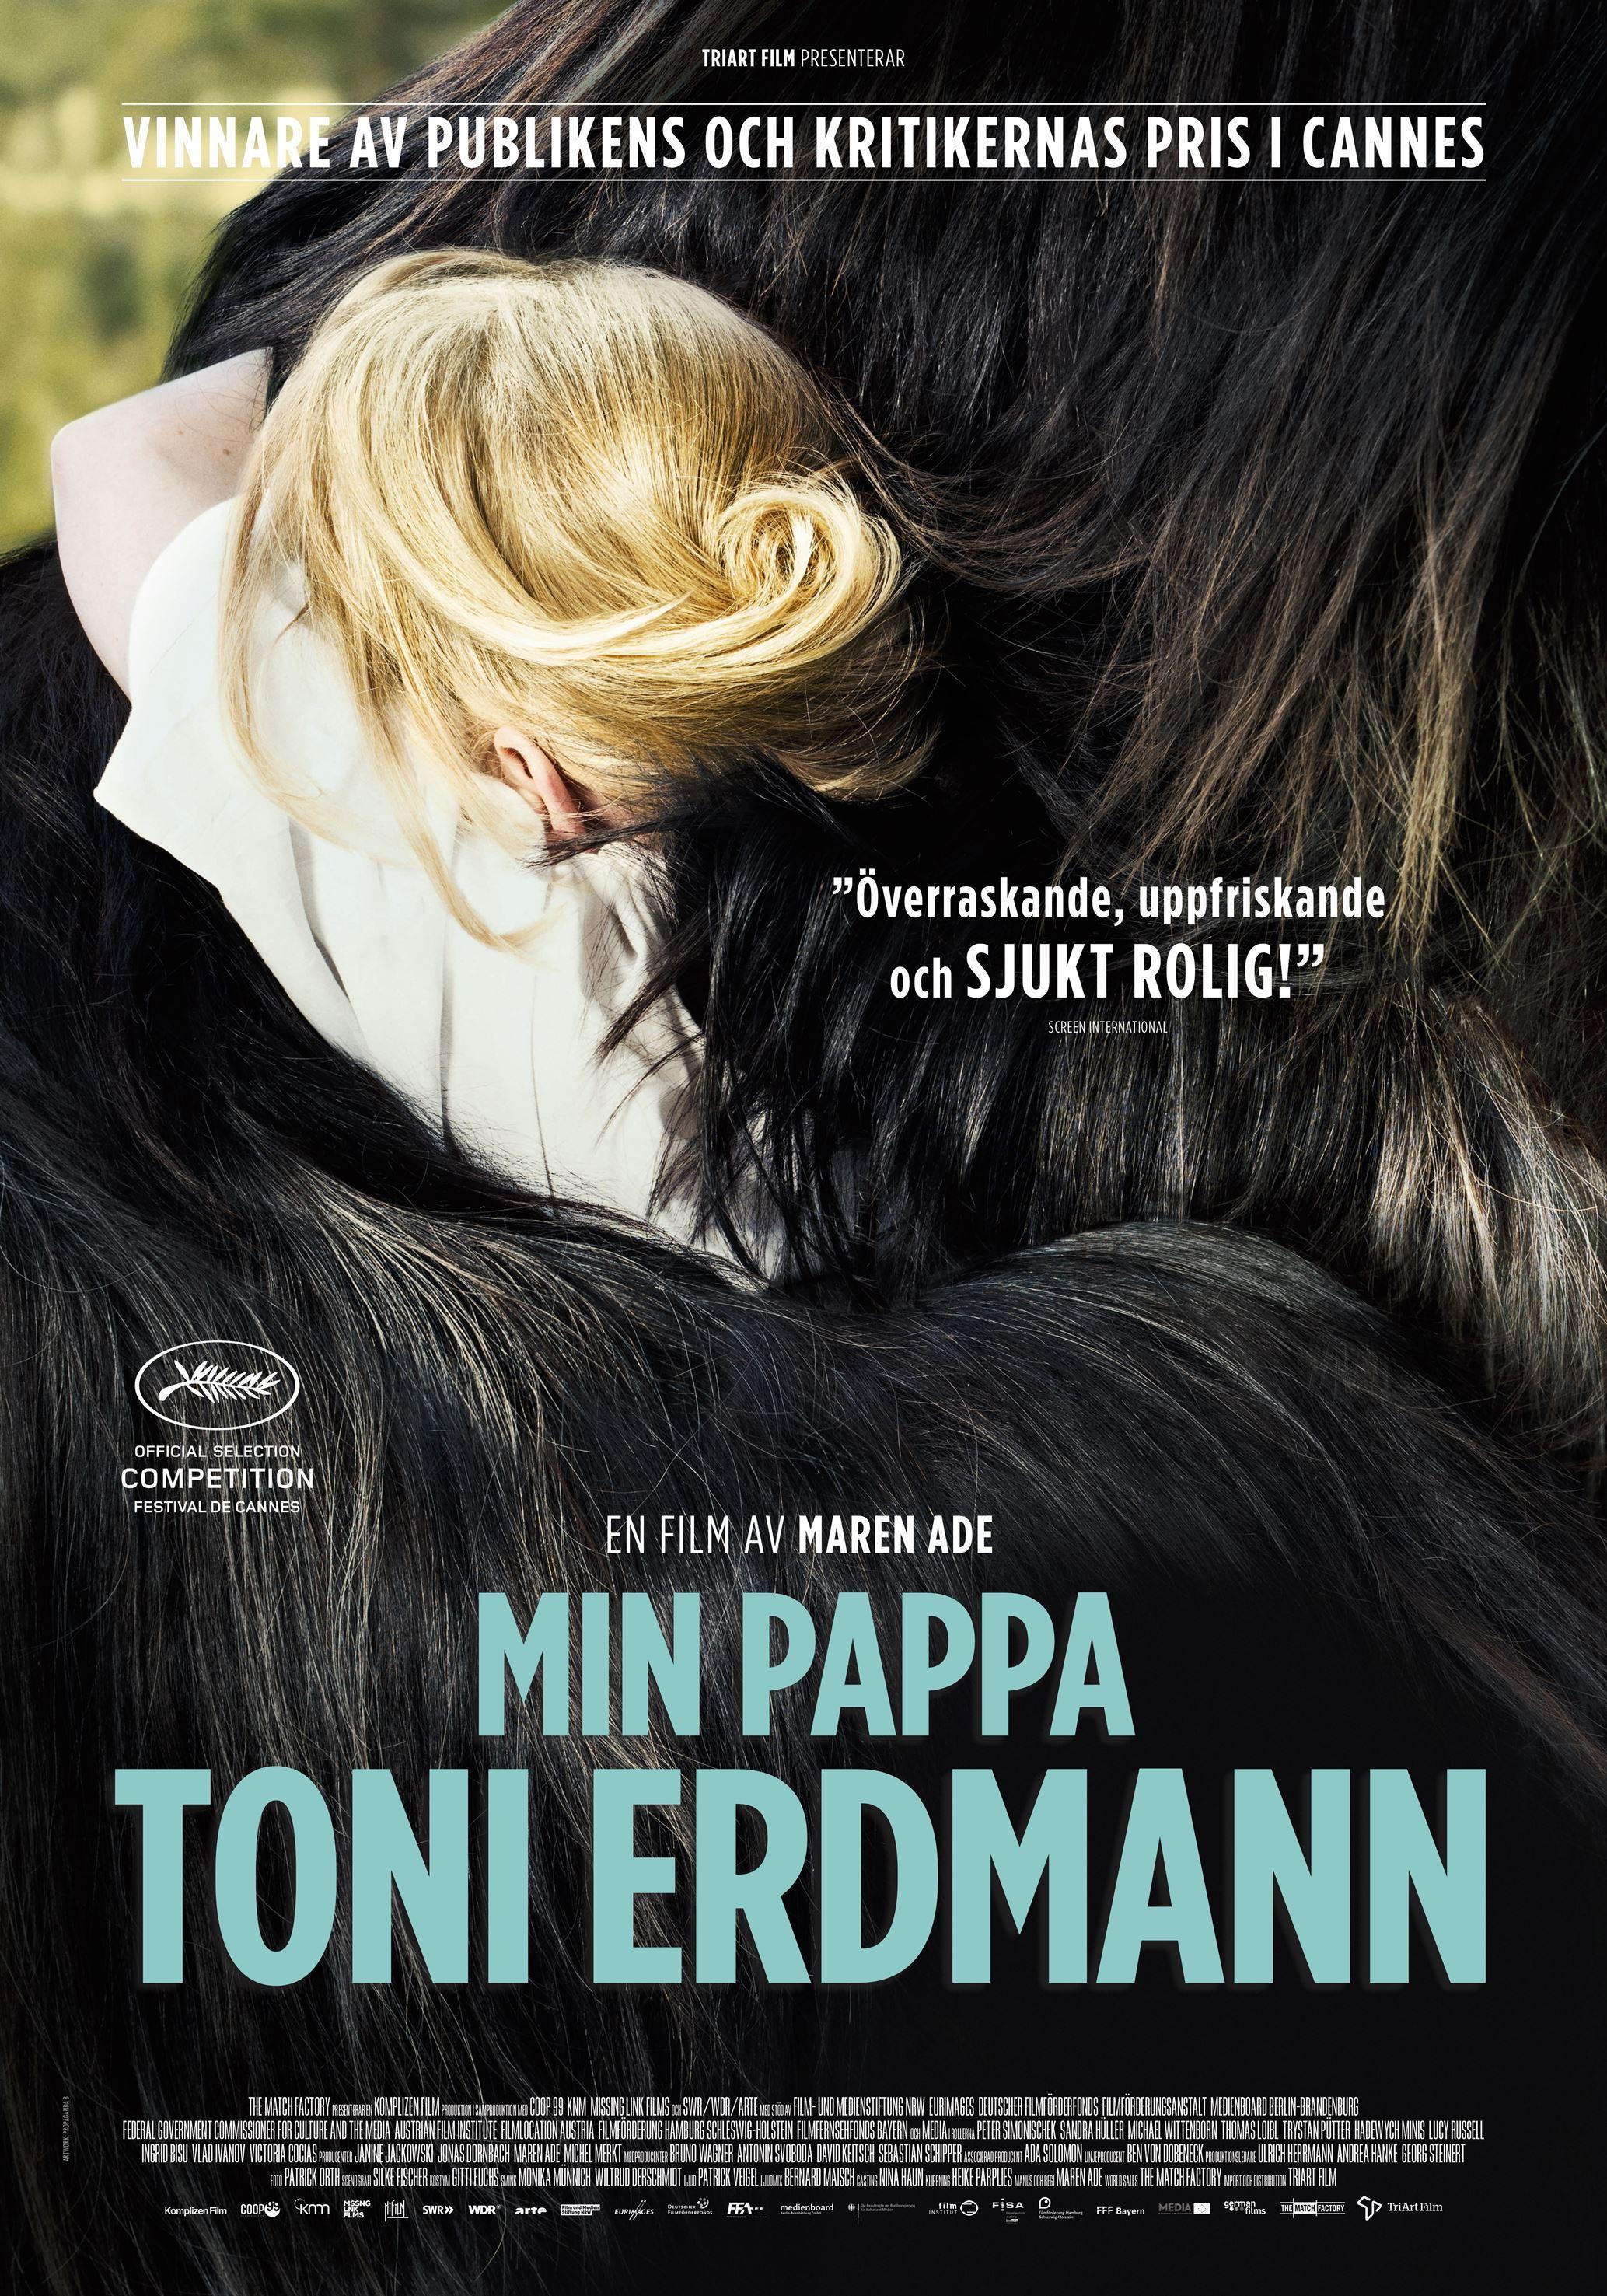 Bio: Min pappa Toni Erdmann